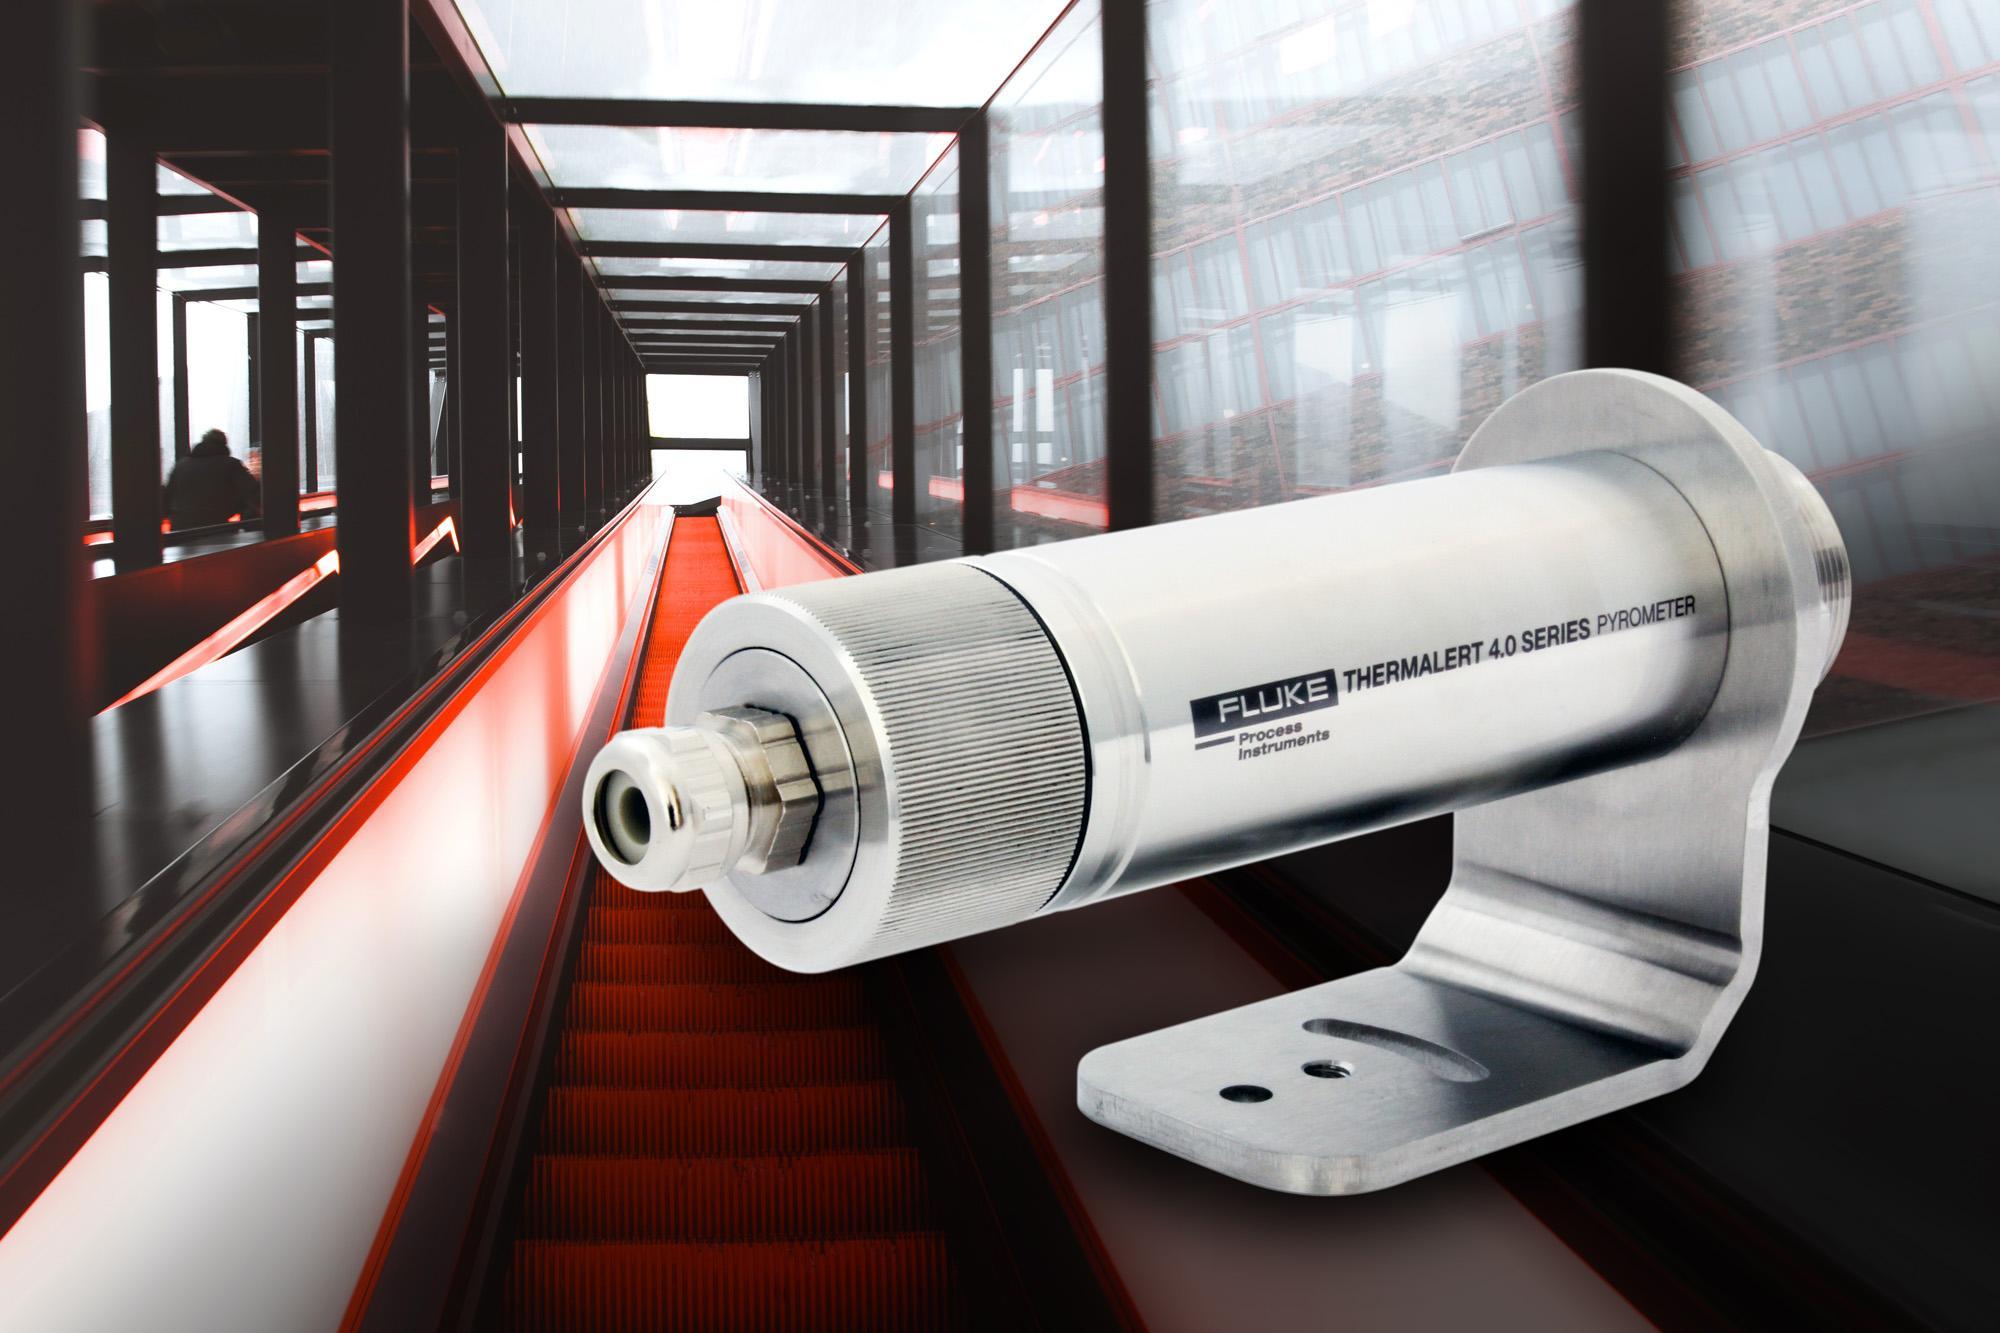 Thermalert 4.0 Pyrometer für den Einsatz in der Glasindustrie